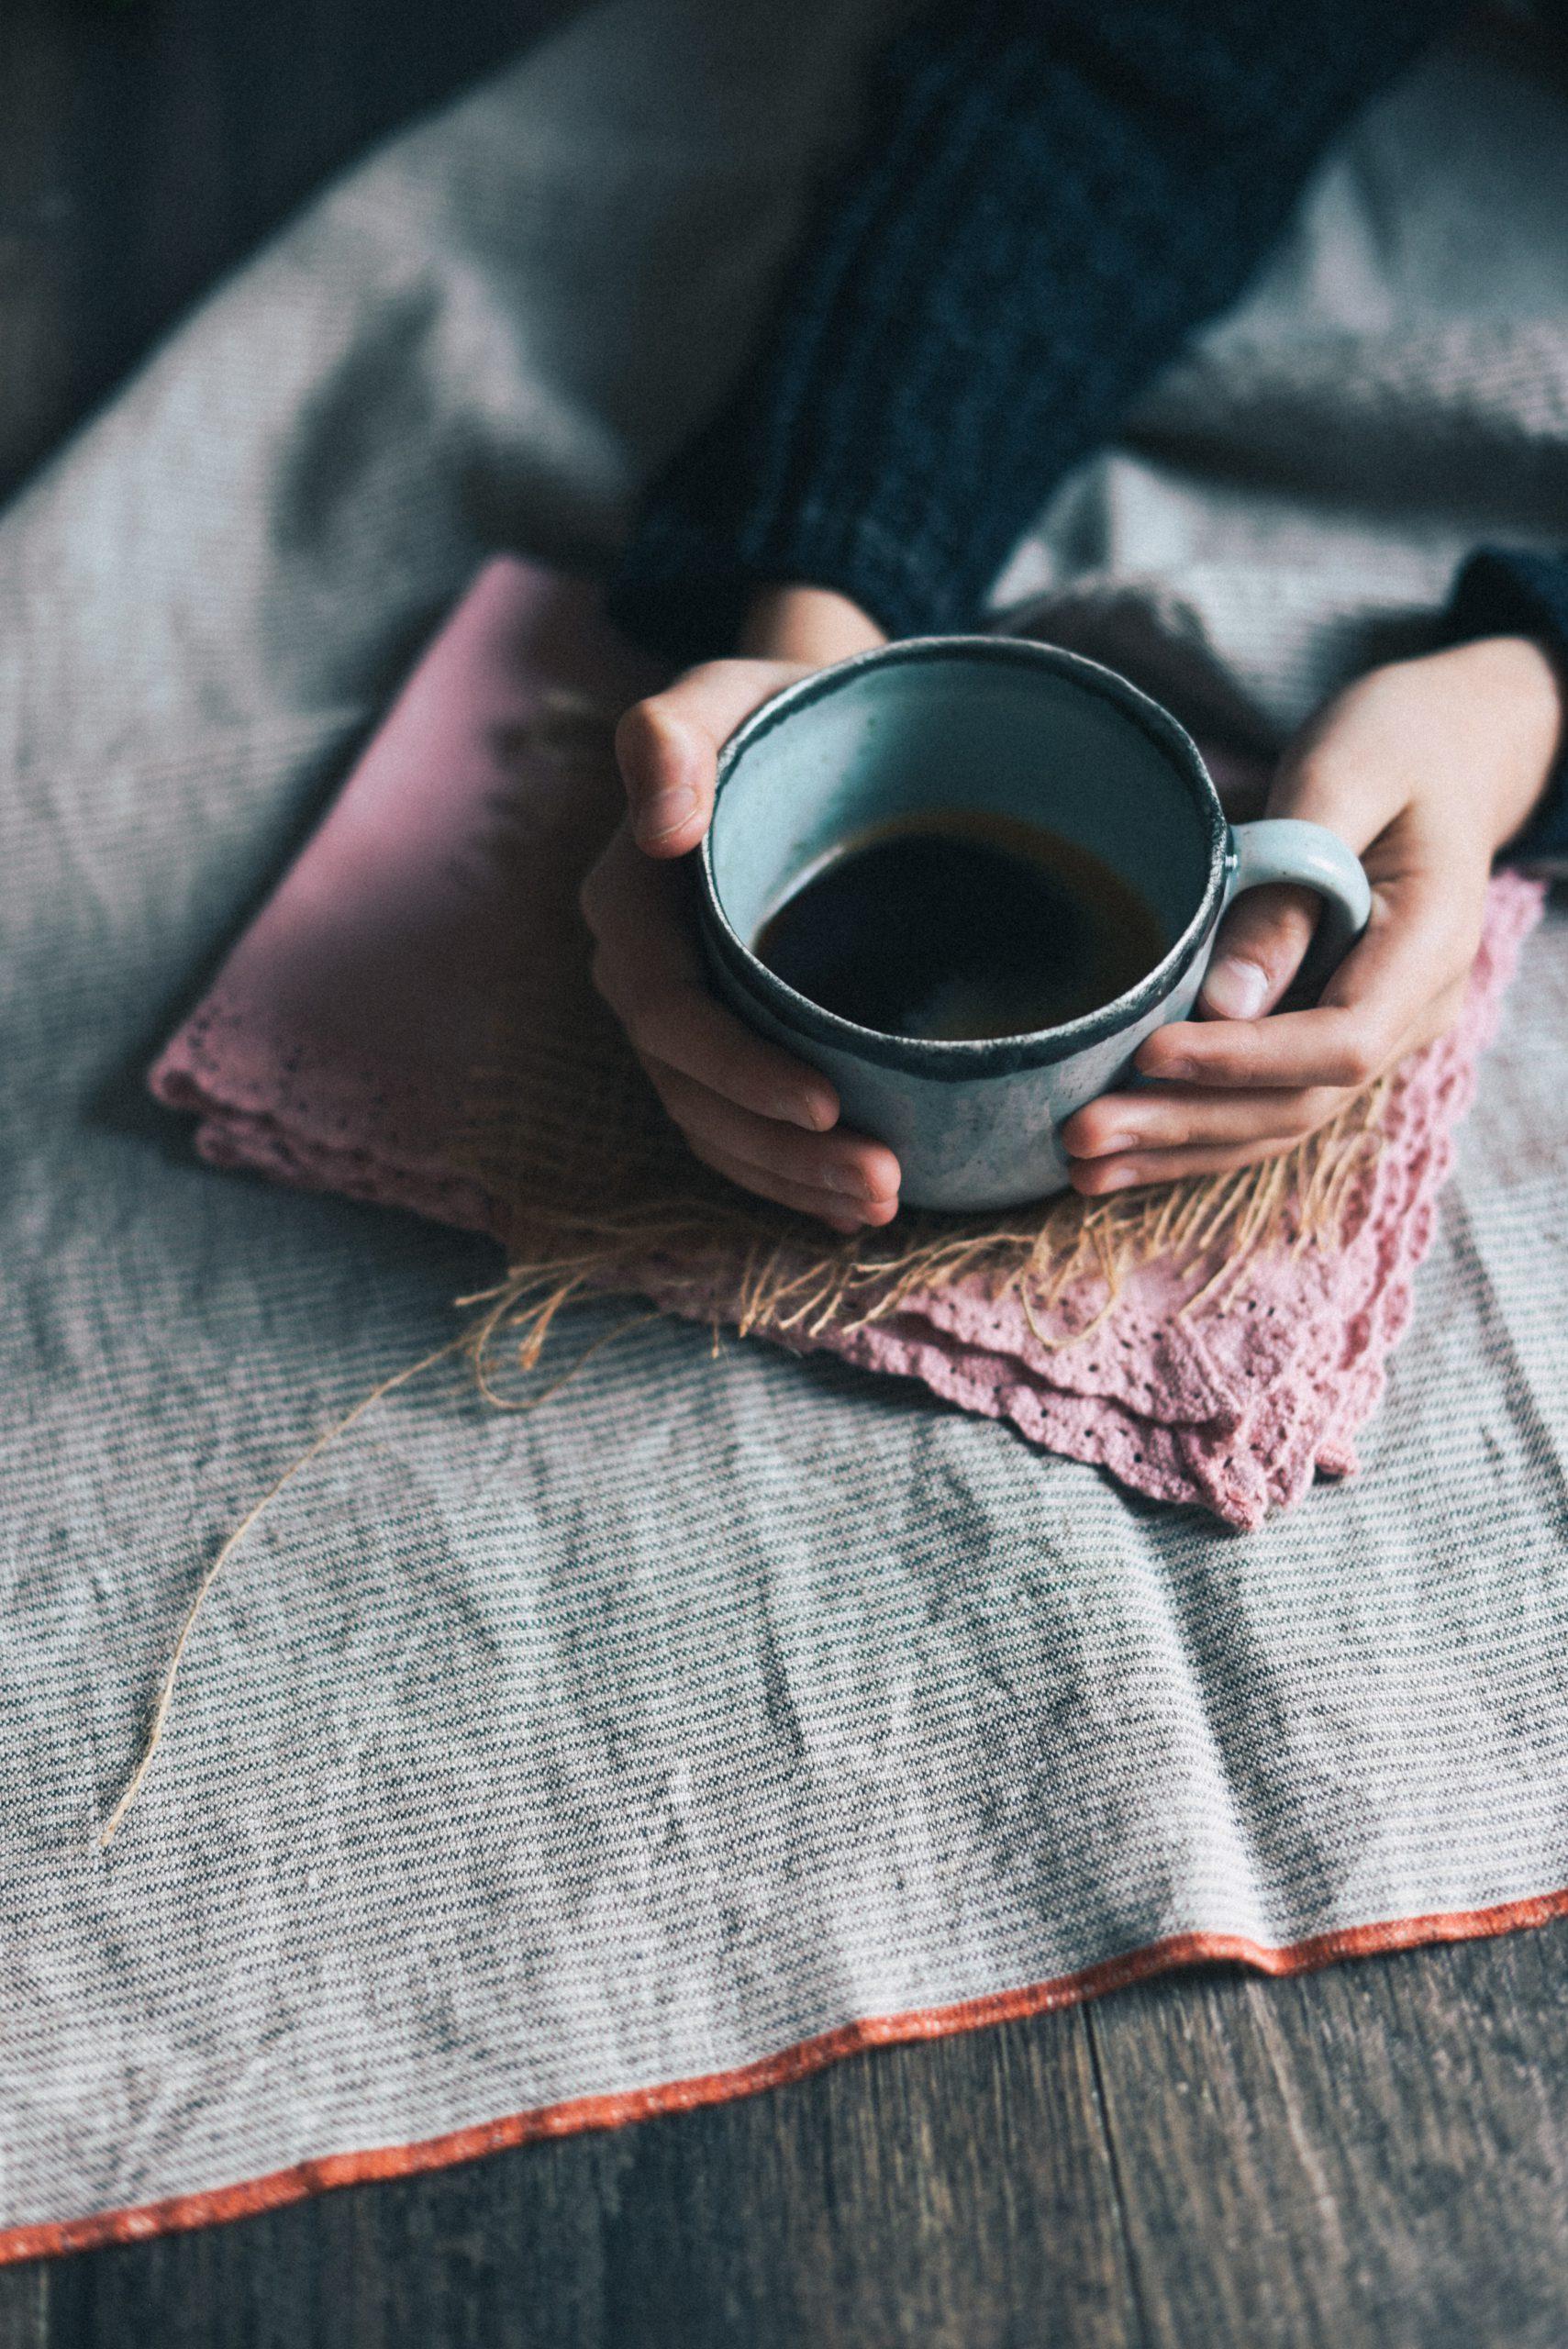 Besser schlafen mit diesen Tipps und Methoden. Schlaftagebuch, Aromatherapie und Abendroutine - all diese Gewohnheiten können uns zu besserem Schlaf verhelfen. #Schlafen #Gesundleben #Gesundheit #Selfcare